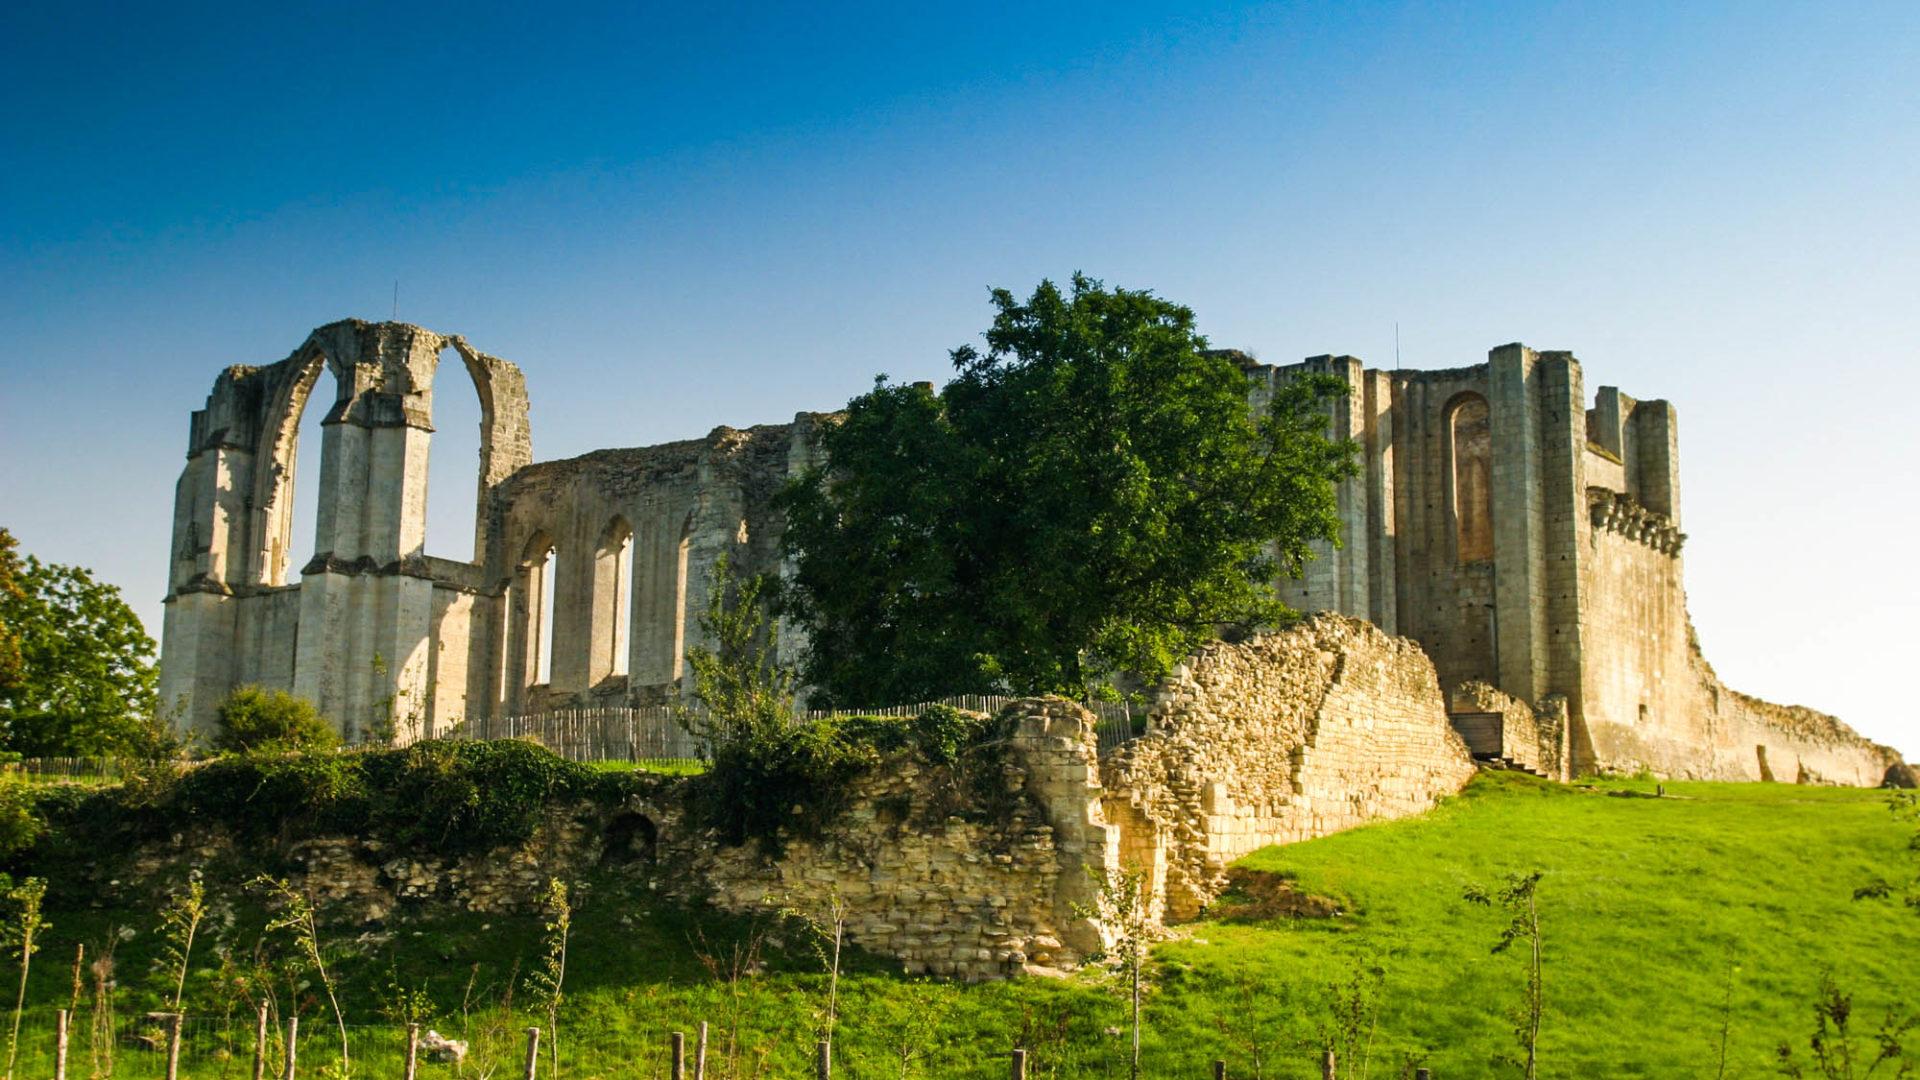 L'Abbaye de Maillezais et ses vestiges exceptionnels